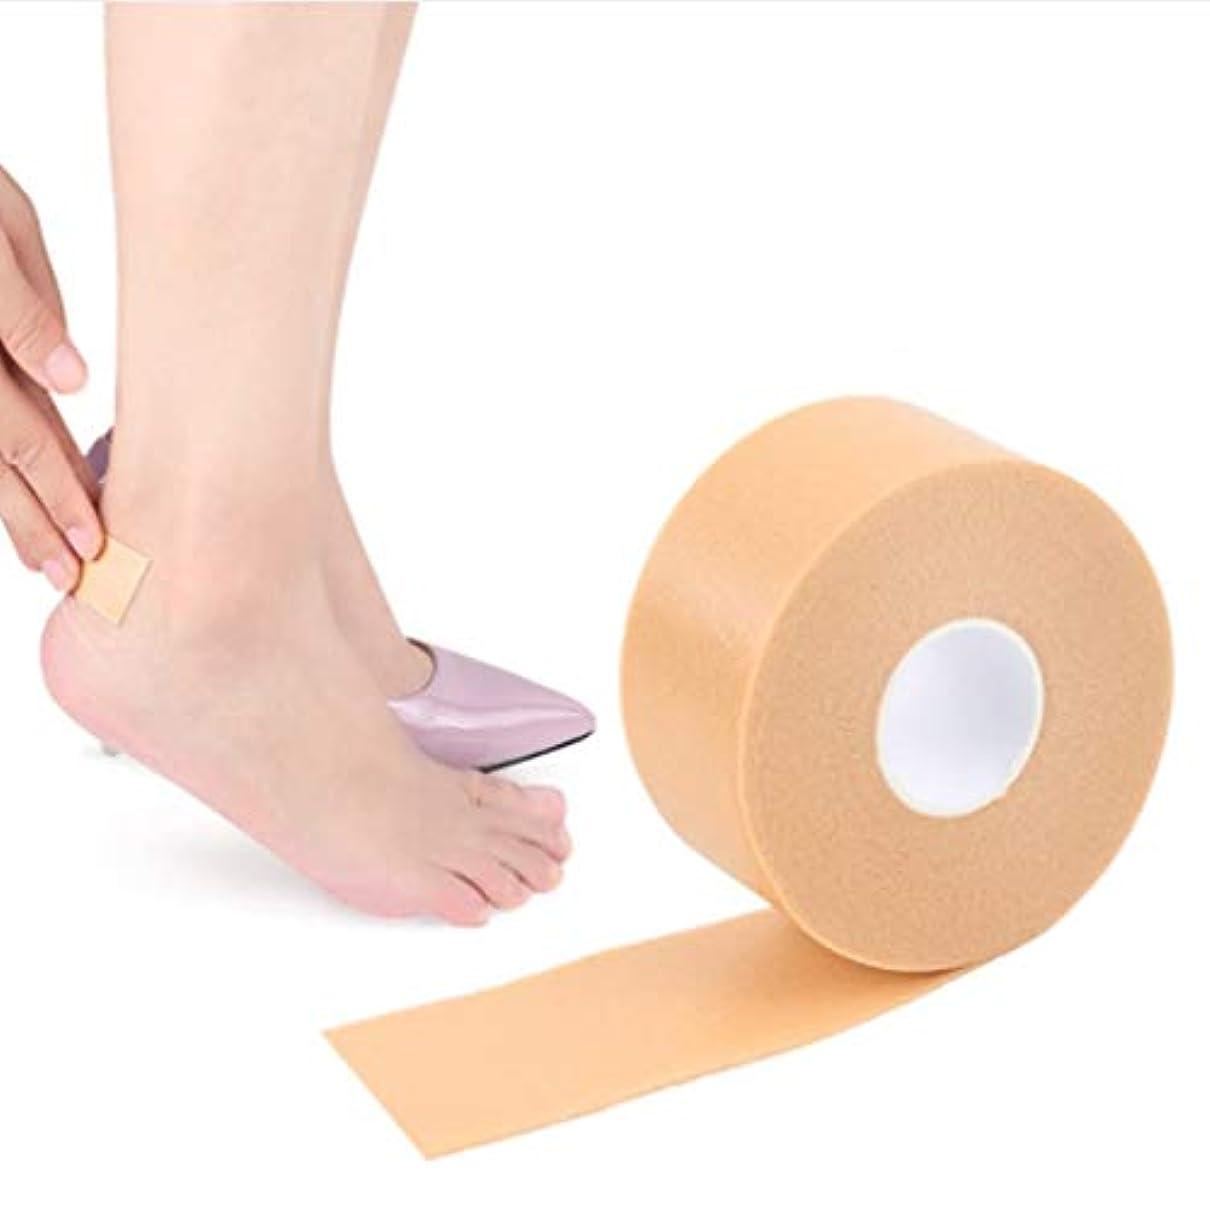 出します実験的ラベンダーMen club 足のかかとのステッカーテープ鍼治療痛みの軽減耐摩耗性の足のステッカーハイヒールの靴のパッチ男女兼用防水スタイリッシュで人気のある